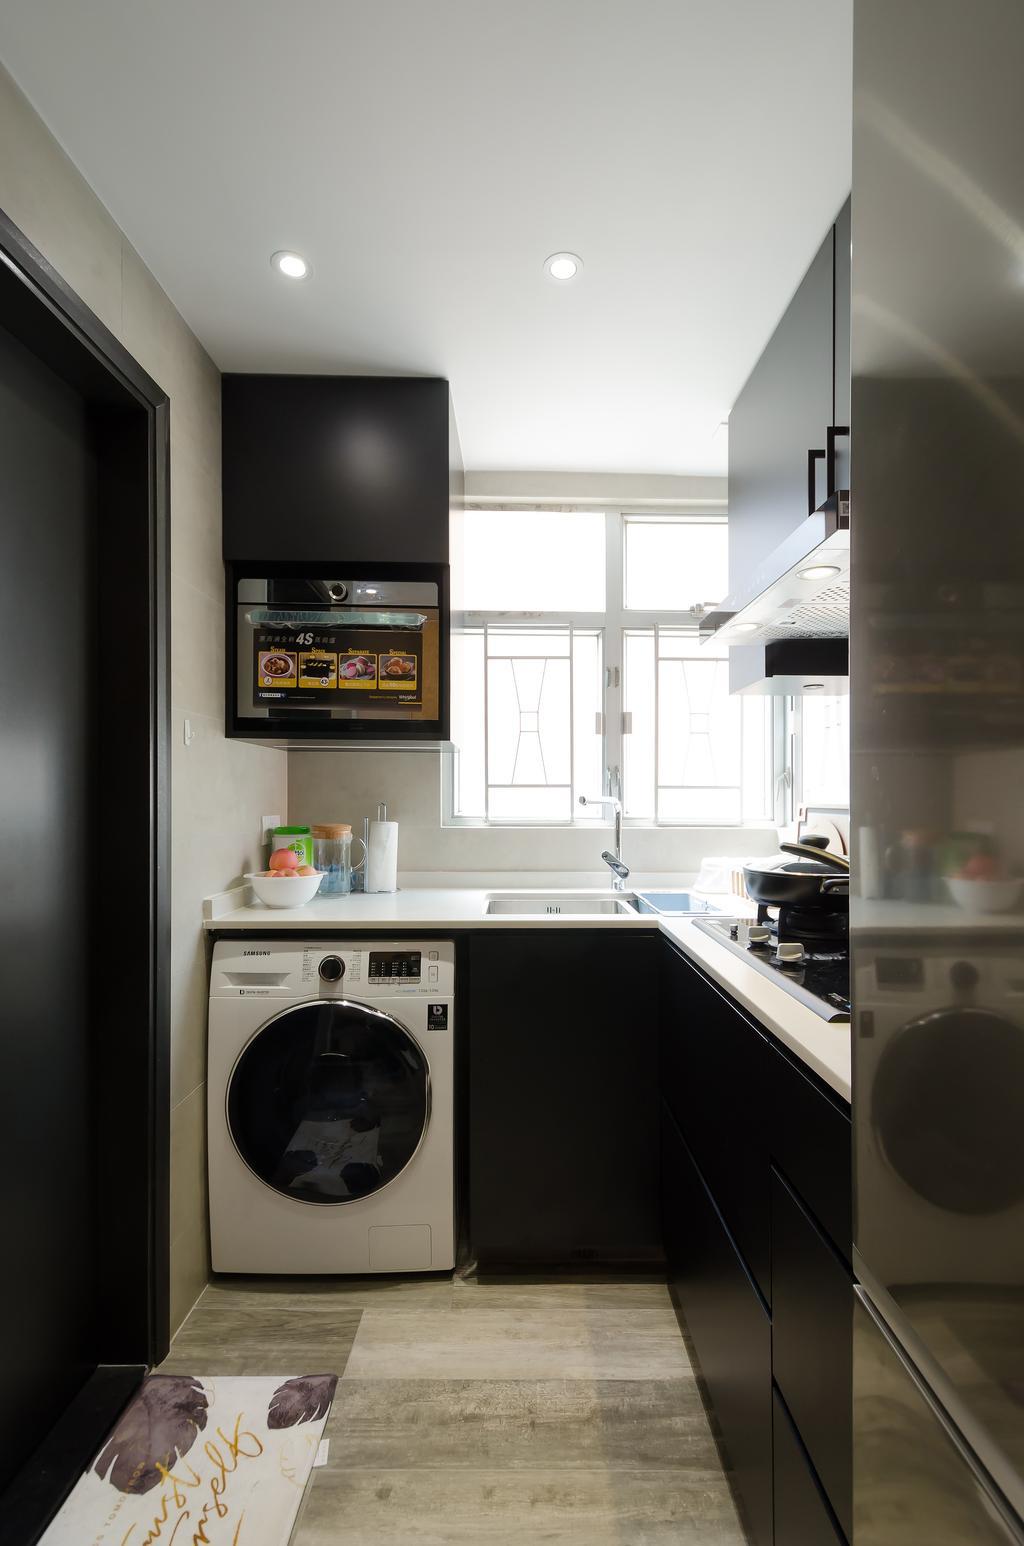 摩登, 私家樓, 廚房, 順興大廈-2, 室內設計師, 現時設計